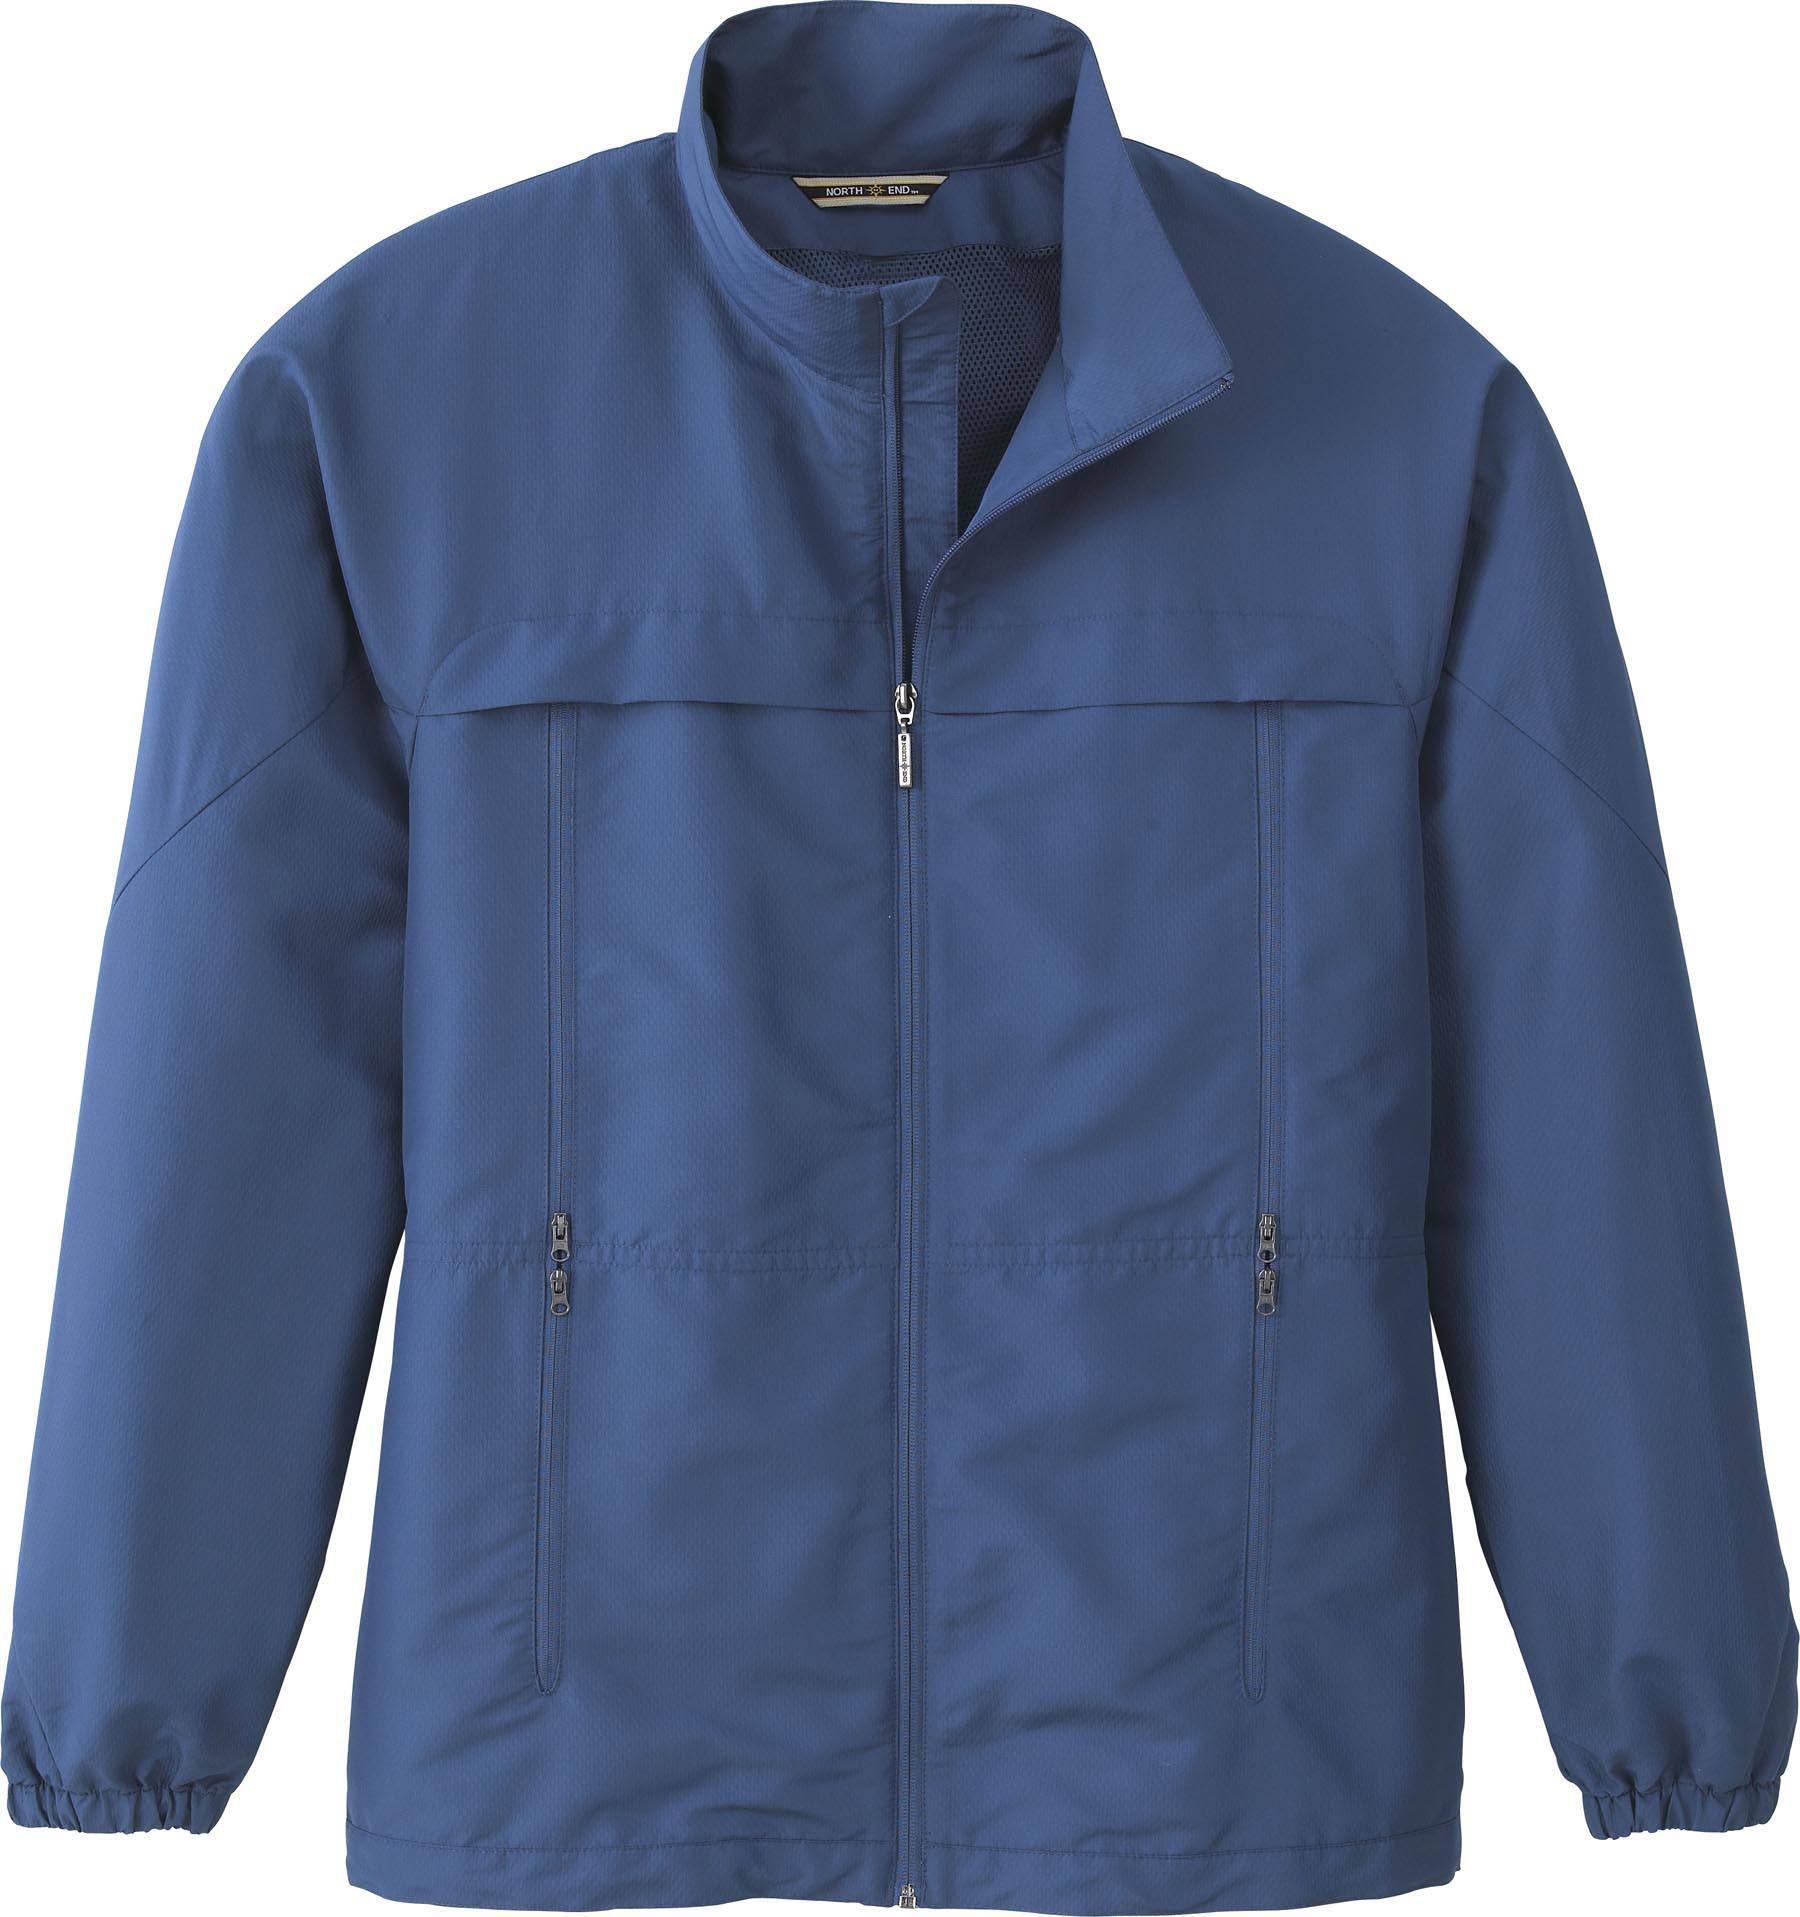 Ash City Lightweight 88152 - Men's Textured Lightweight Jacket